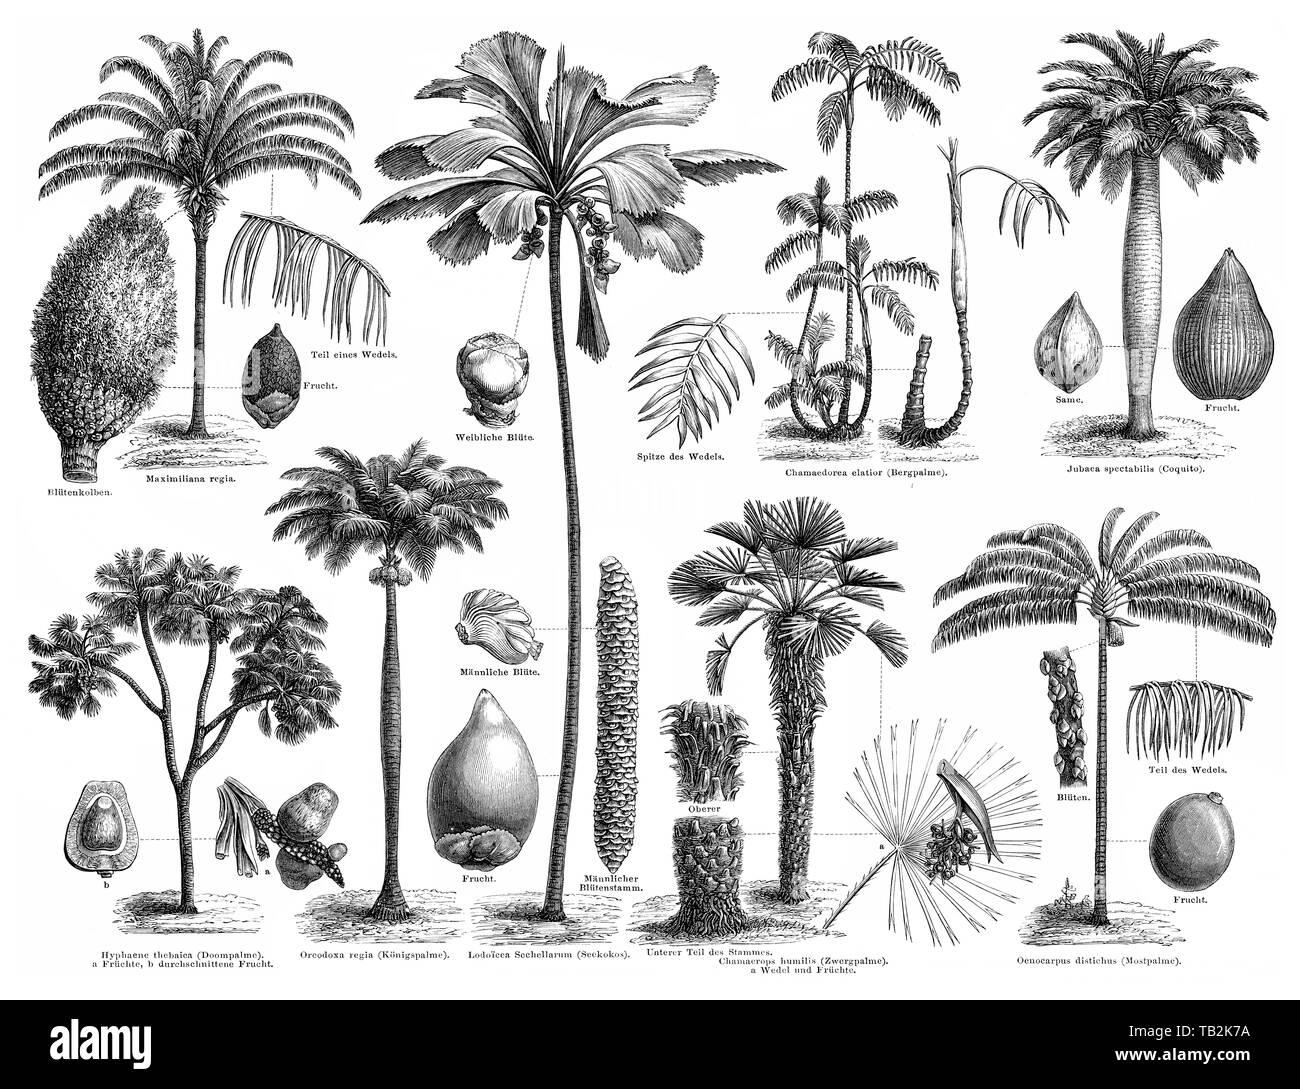 various palm trees, palm family (Arecaceae or Palmae), Historische, zeichnerische Darstellung, Übersicht über verschiedene Palmengewächse oder Palmen (Arecaceae oder Palmae), Familie der Ordnung der Palmenartigen (Arecales) , 19. Jahrhundert, aus Meyers Konversations-Lexikon, 1889 - Stock Image